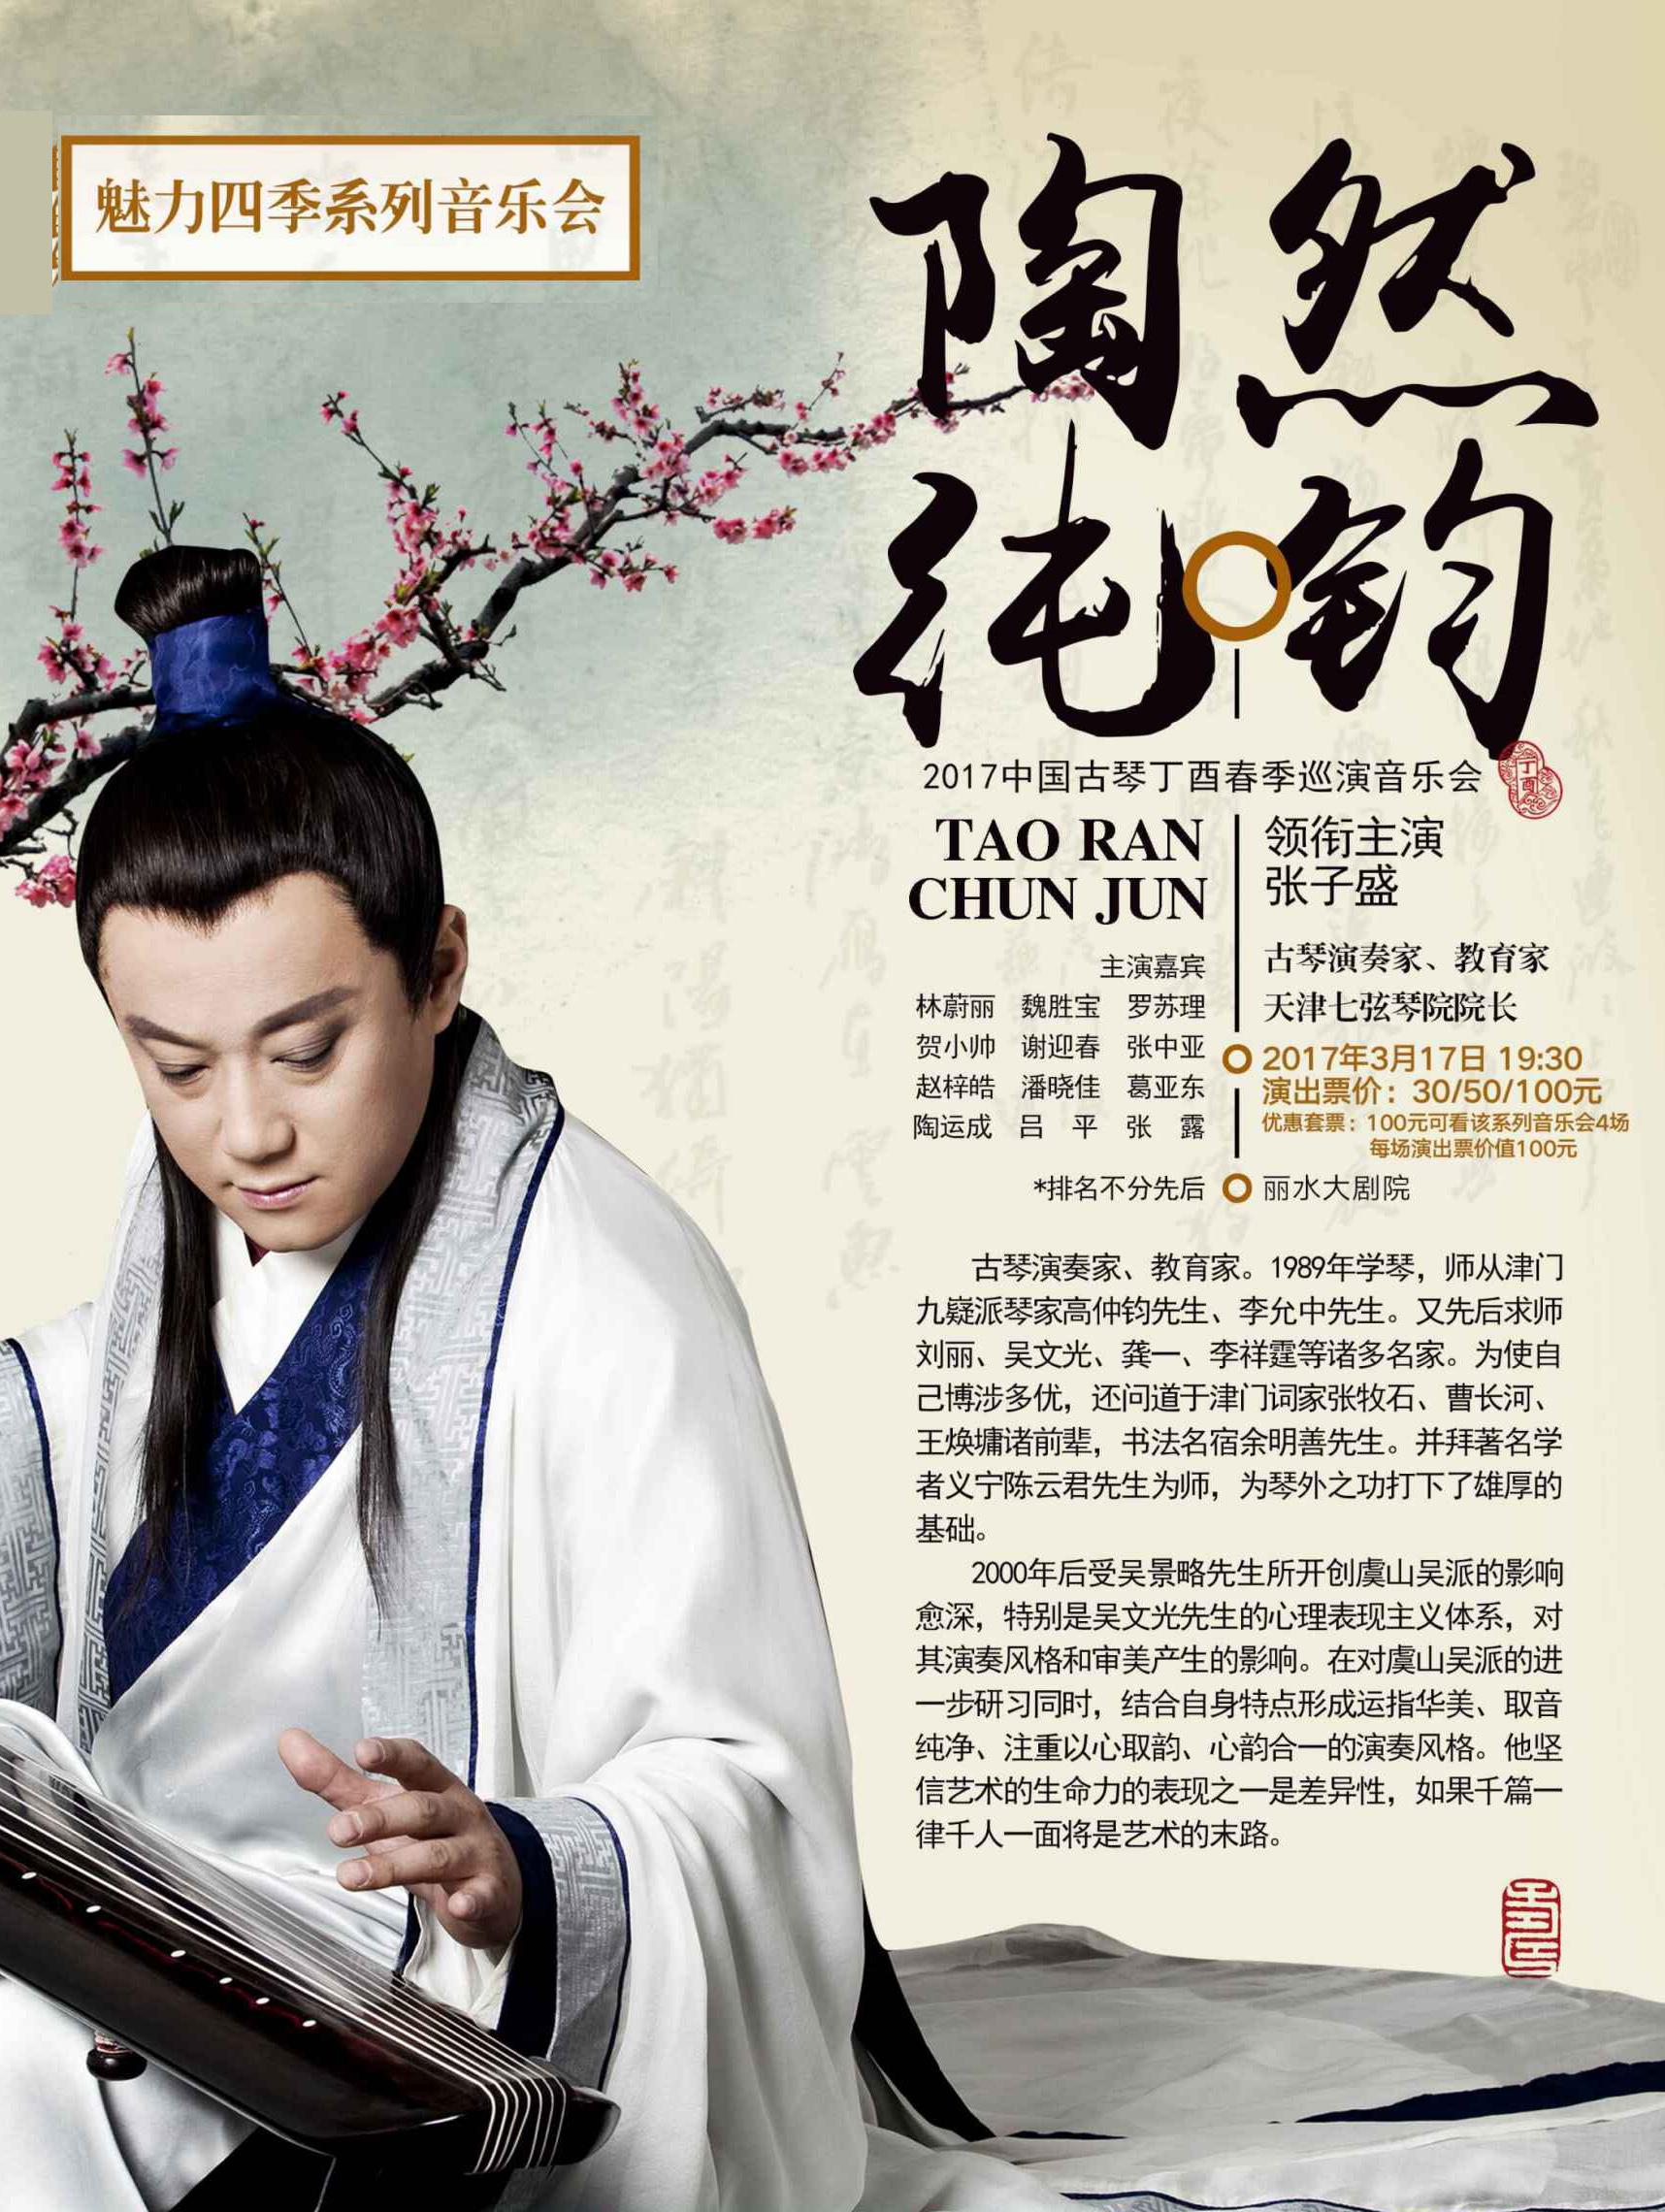 陶然纯钧——2017中国古琴丁酉春季巡演音乐会